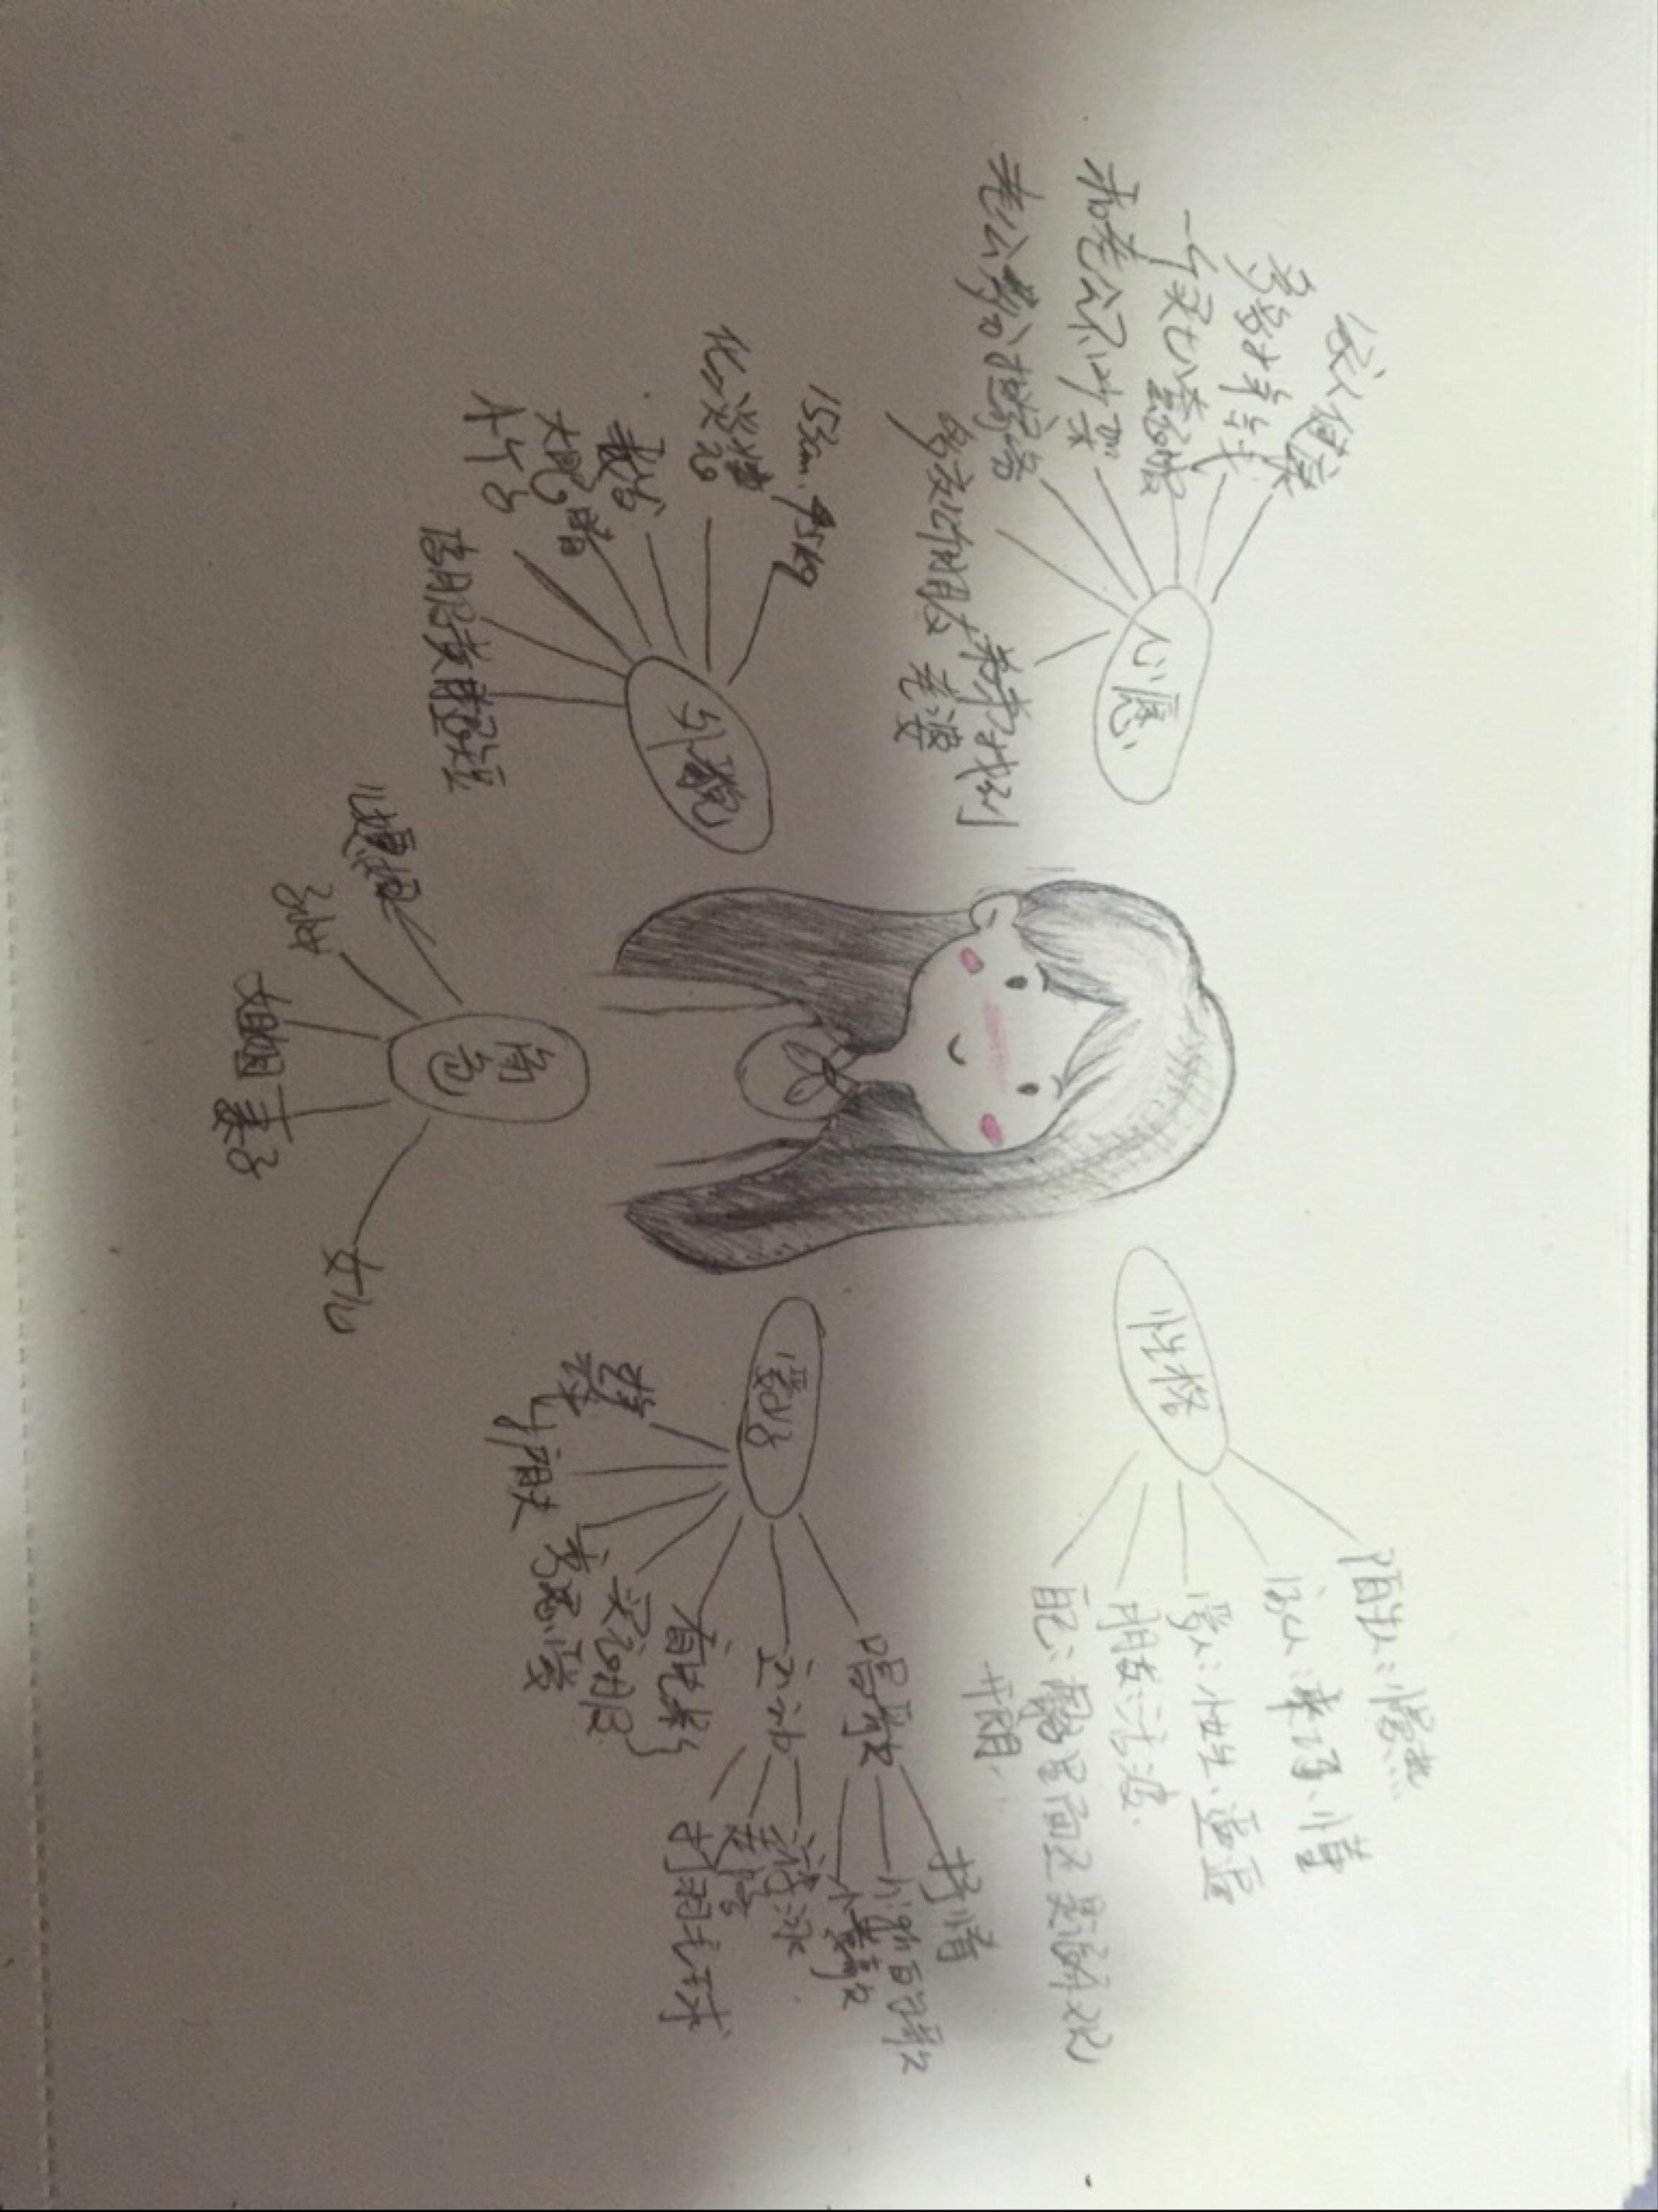 娃娃手绘d1-思维导图之自我介绍